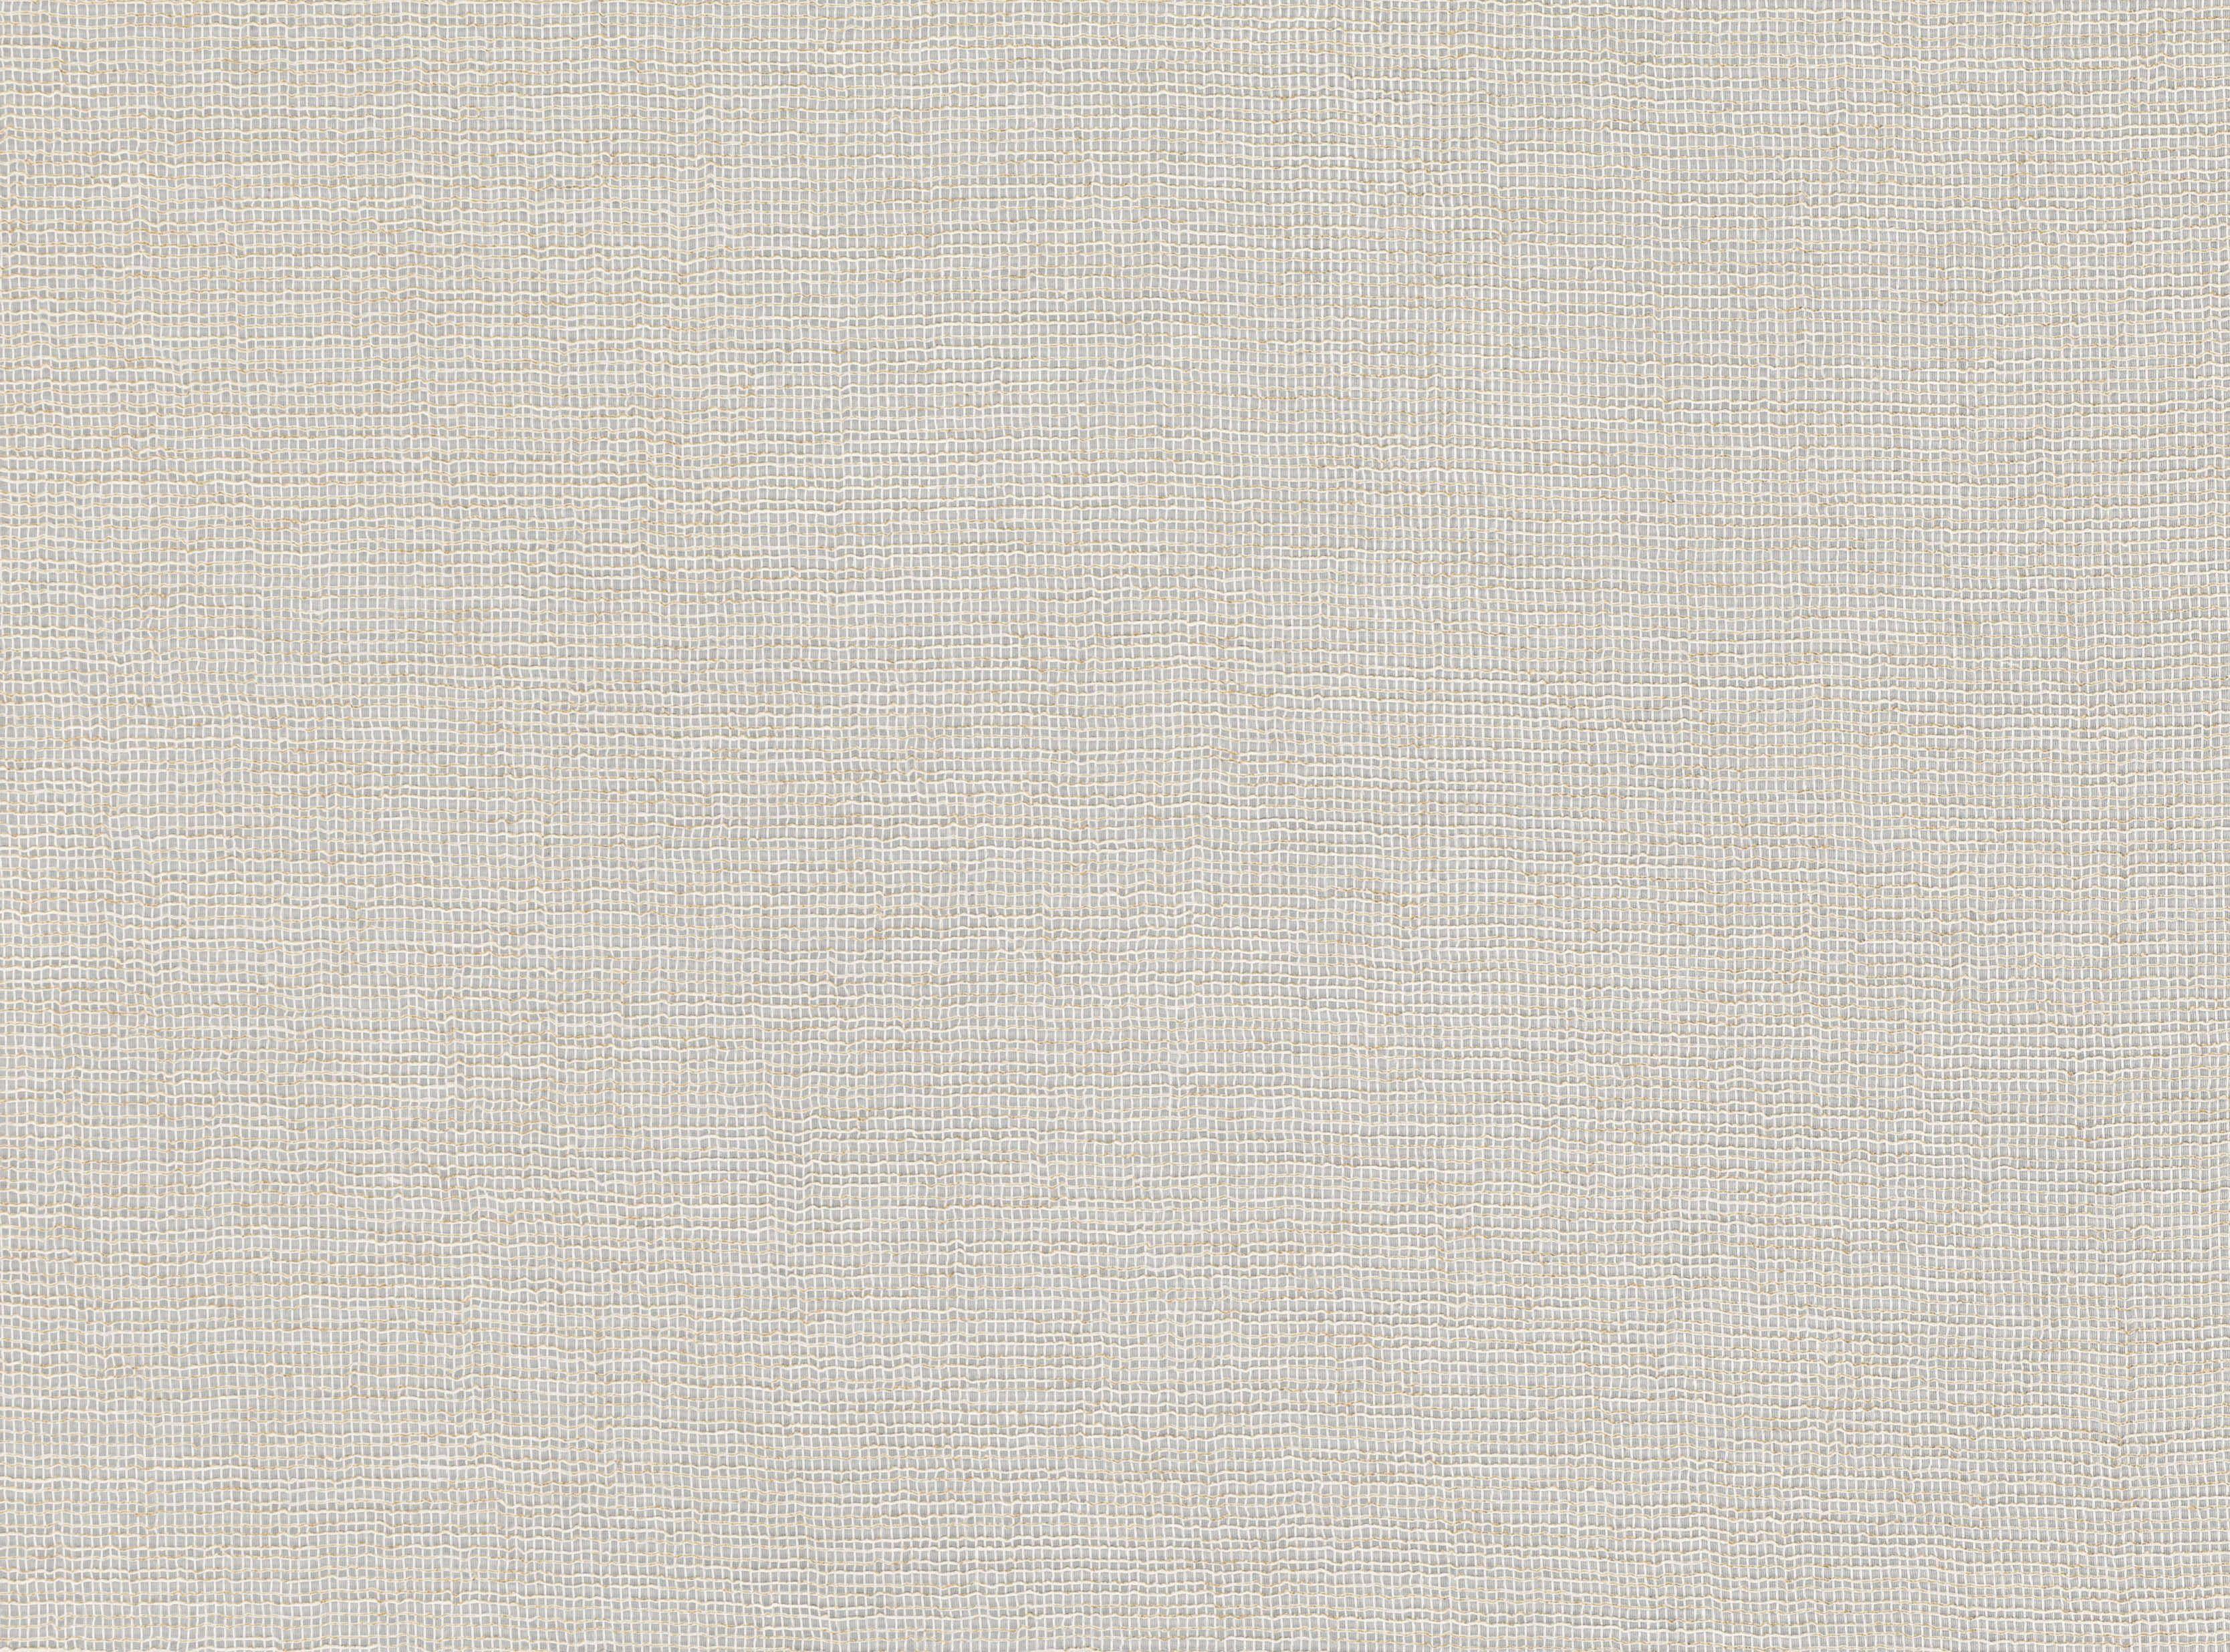 Velo In Trevira Cs In Doppia Altezza Tessuti Per Tappezzeria Stampati Tende E Carta Da Parati In 2020 Upholstery Fabric Wall Coverings Fabric